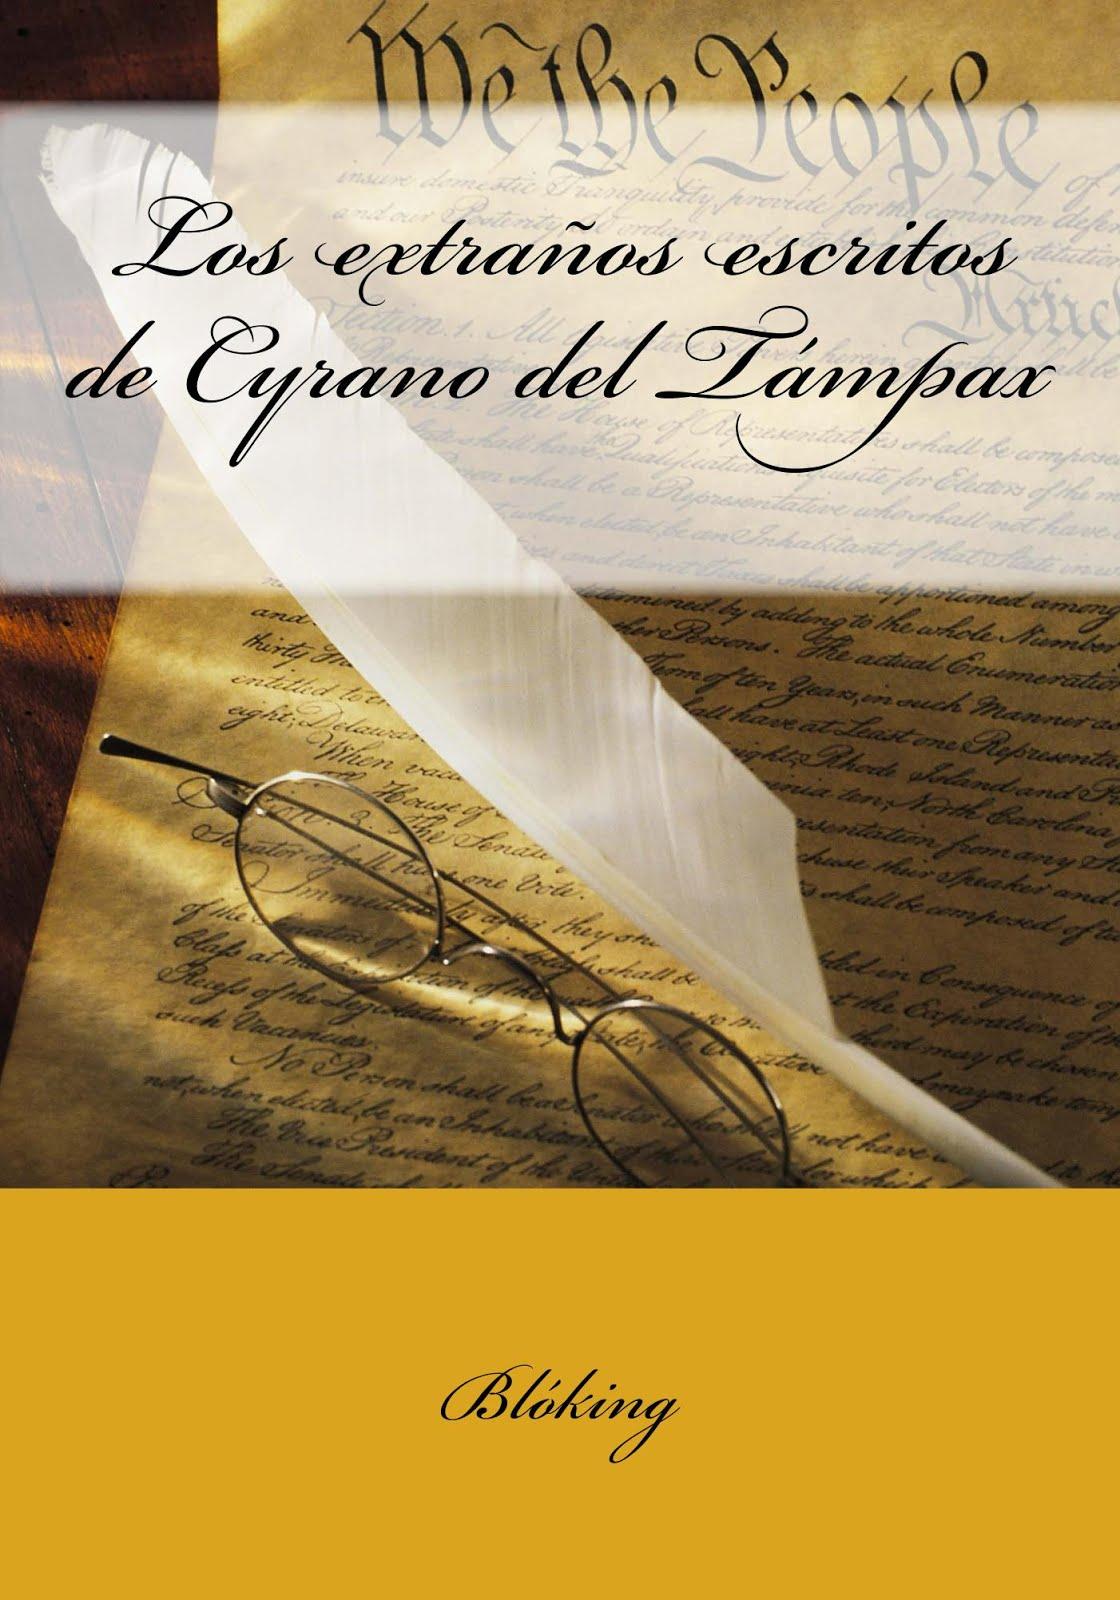 #Los extraños escritos de Cyrano del Támpax (en papel, en tapa blanda)